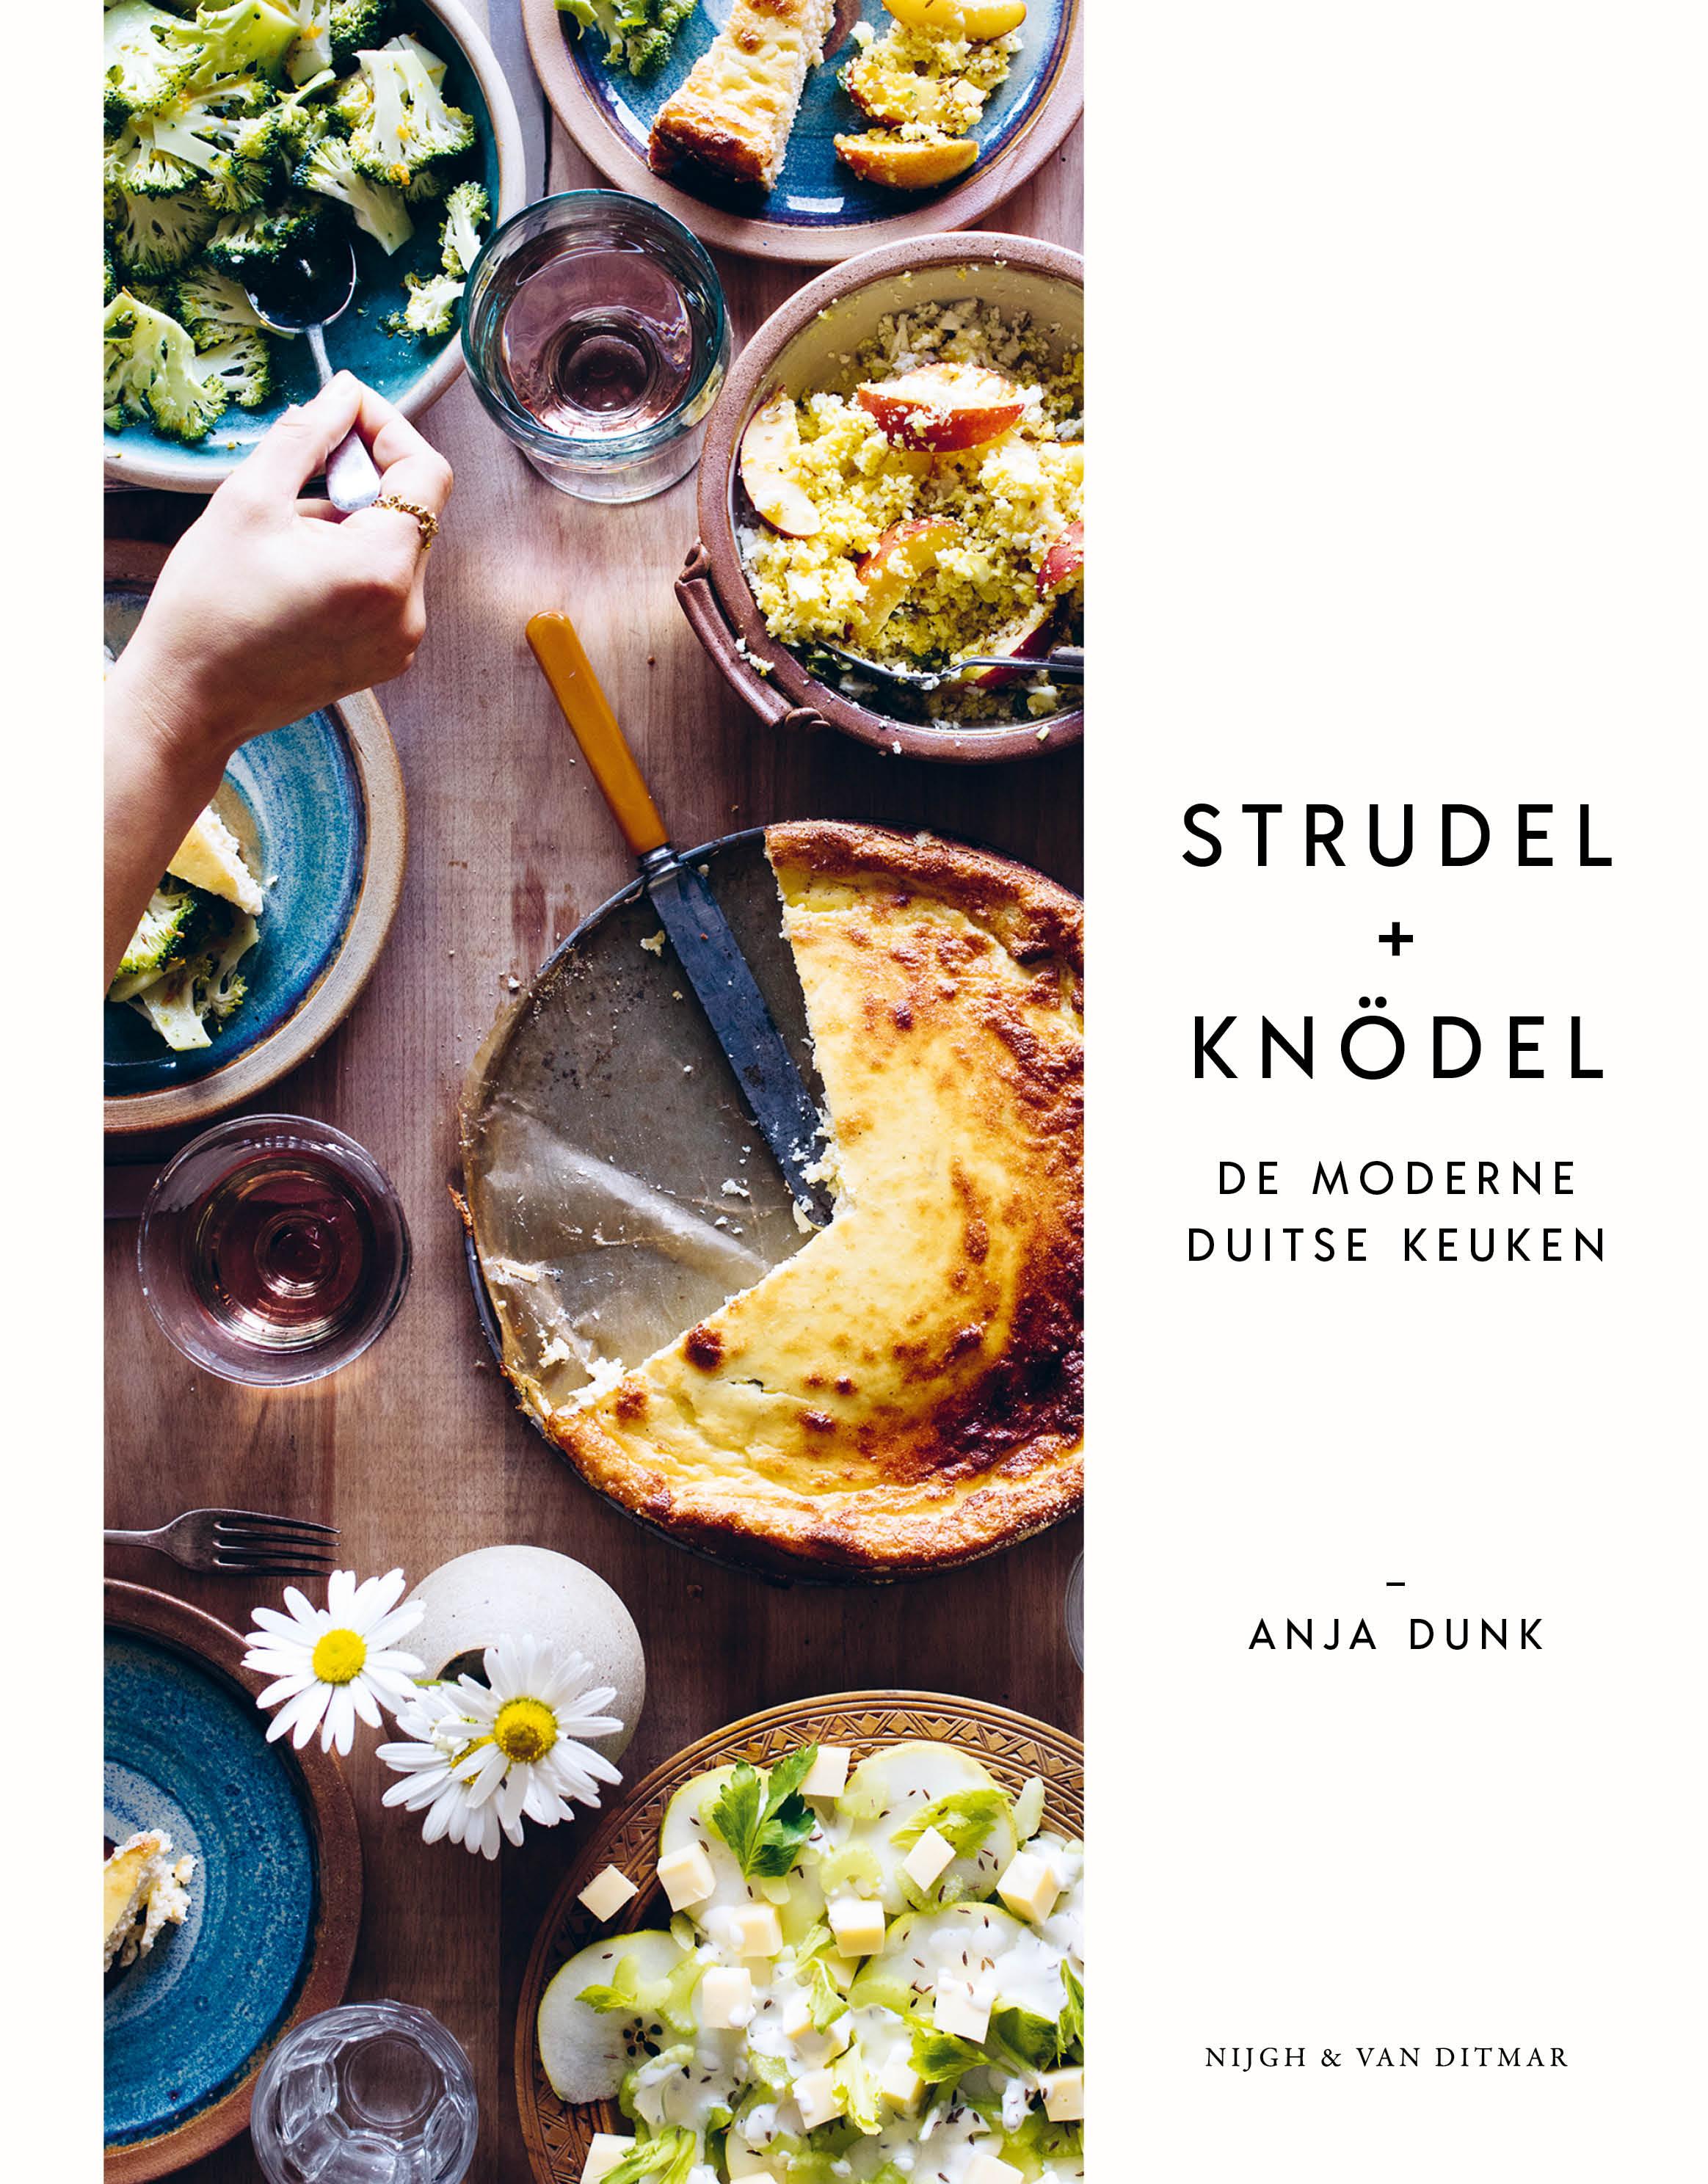 De moderne Duitse keuken in Strudel en Knödel + recept